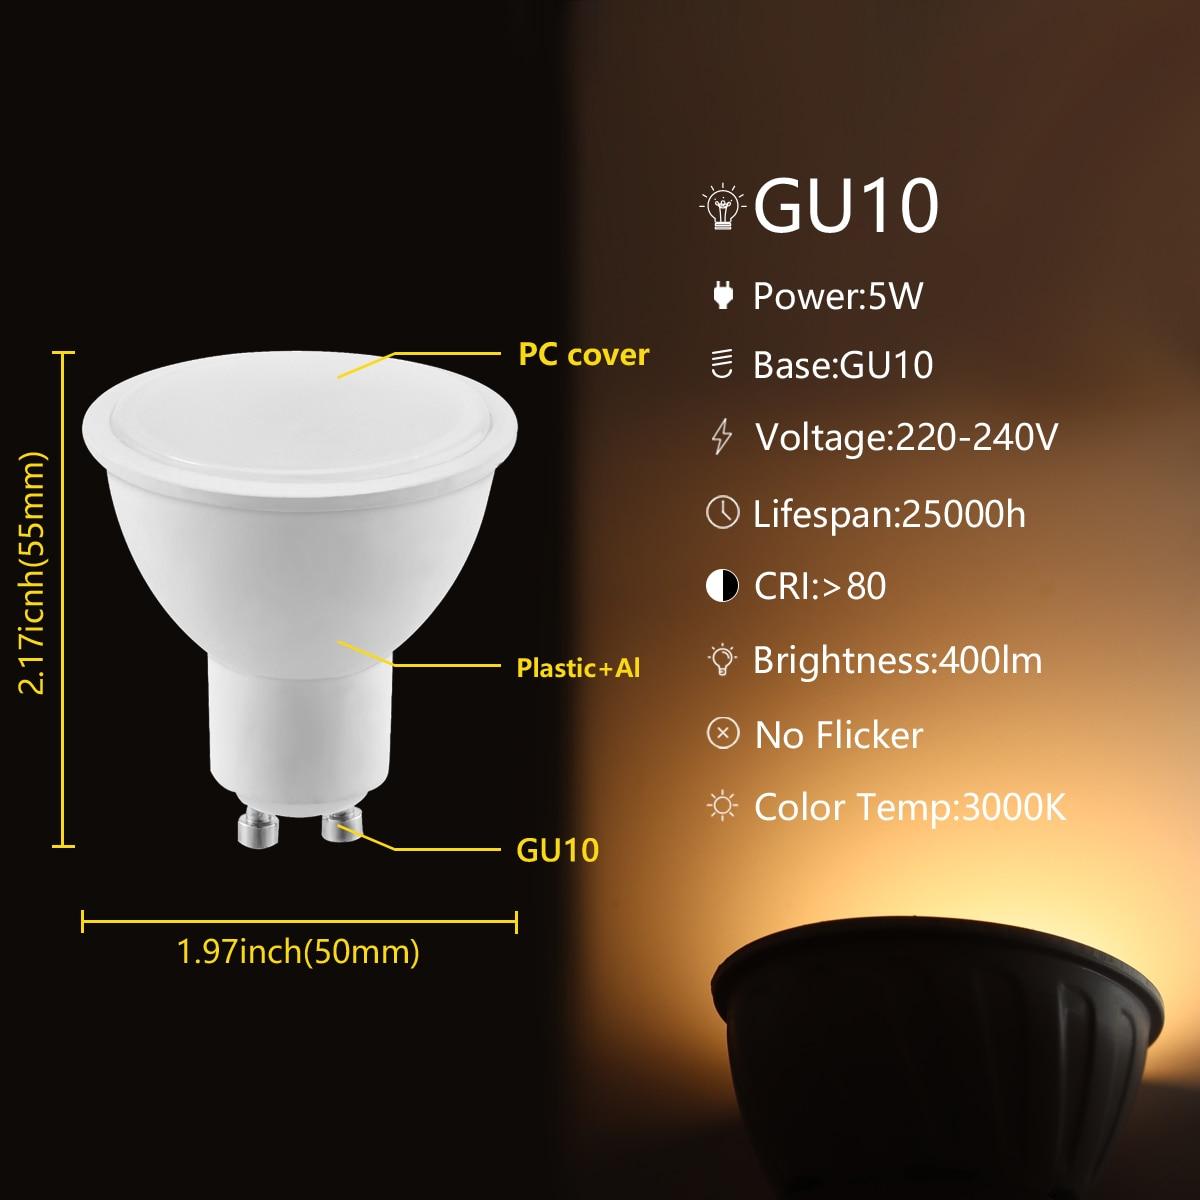 Super Bright LED Spotlight GU10 5W Lighting Bulb 220V-240V Indoor Lighting 3000K/6000K Home Decoration Bombillas